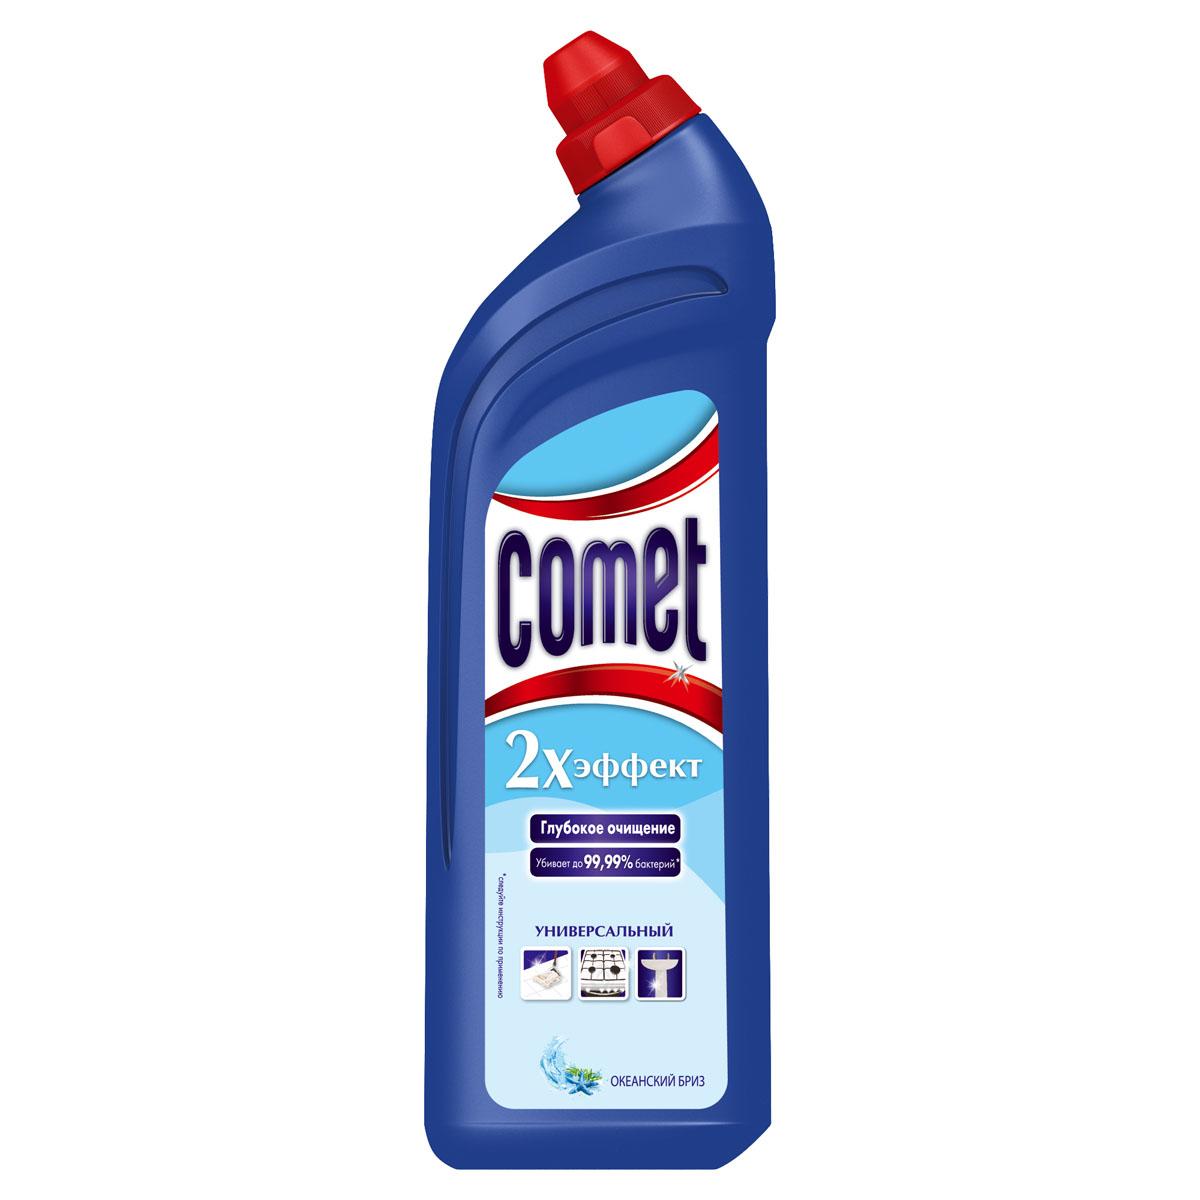 Универсальный чистящий гель Comet Двойной эффект, океанский бриз, 1 лCG-81515773Универсальный чистящий гель Comet Двойной эффект предназначен для глубокого очищения поверхностей. Эффективно удаляет повседневные загрязнения и обычный жир во всем доме, а также дезинфицирует поверхности. Средство подходит для плит (в том числе стеклокерамических), ванн, раковин, унитазов, кафеля, мытья полов. Обладает приятным ароматом. Характеристики:Состав: Объем: 1 л. Товар сертифицирован.